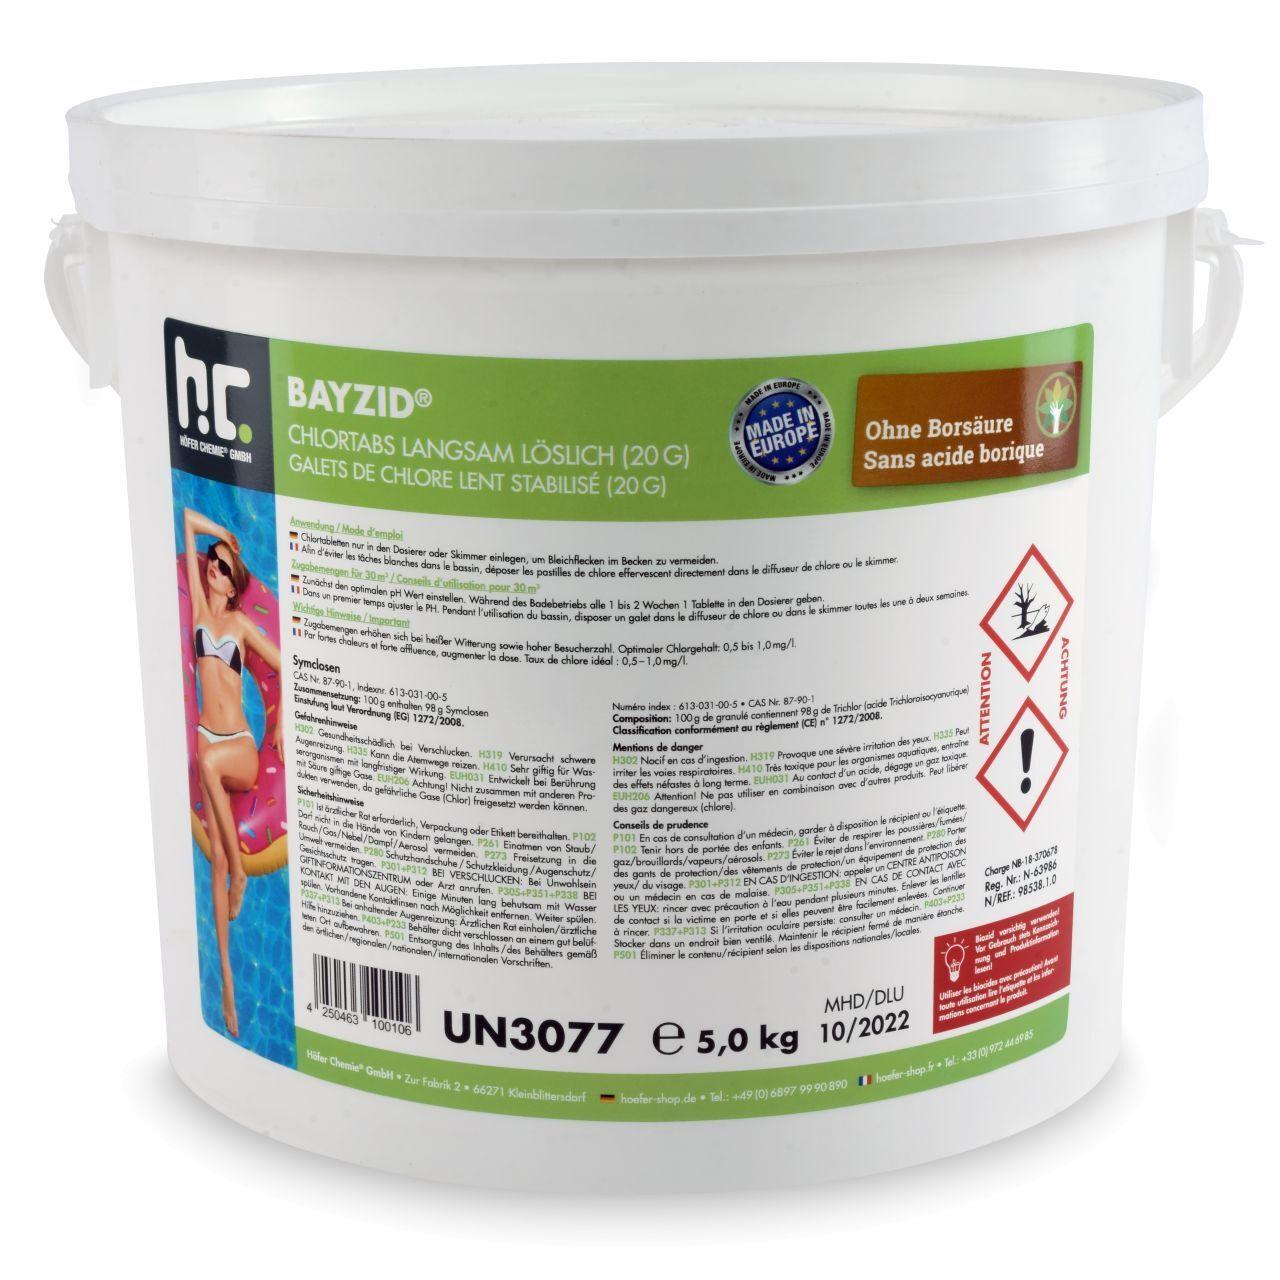 BAYZID 10 kg Bayzid® Pastilles de chlore lent (20g) (2 x 5 kg)